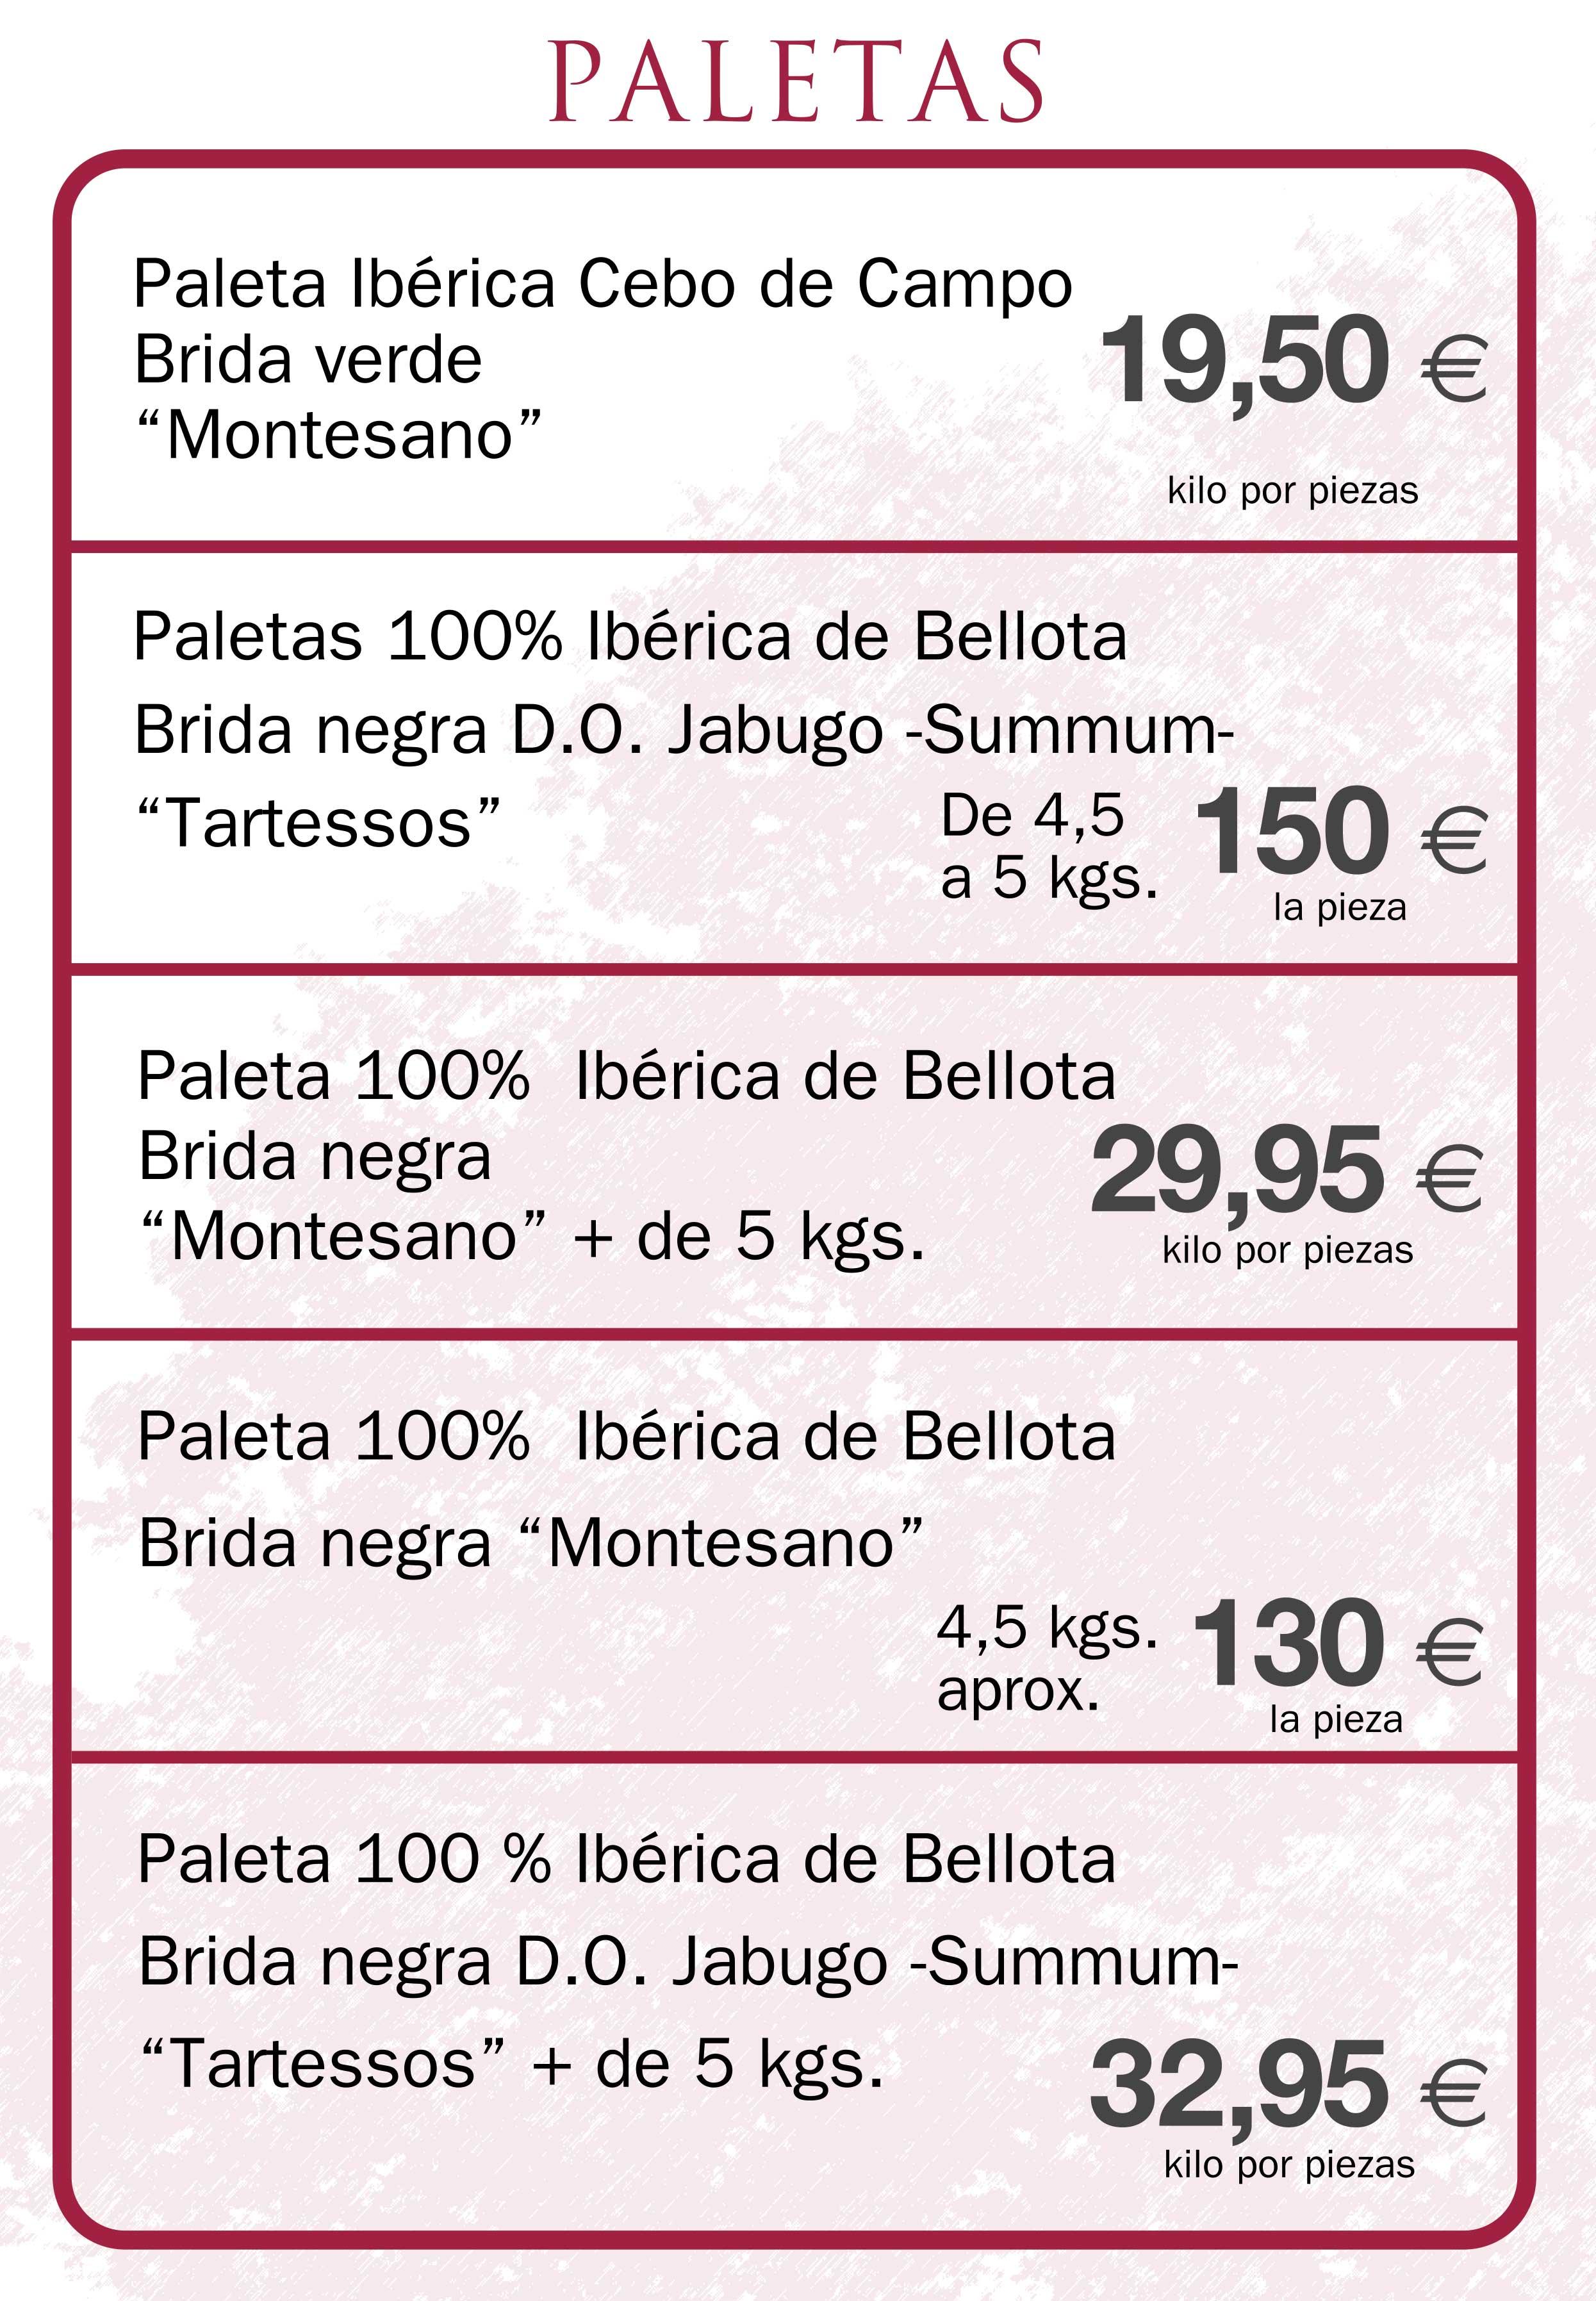 Paletas Ibéricas de bellota en Aracena